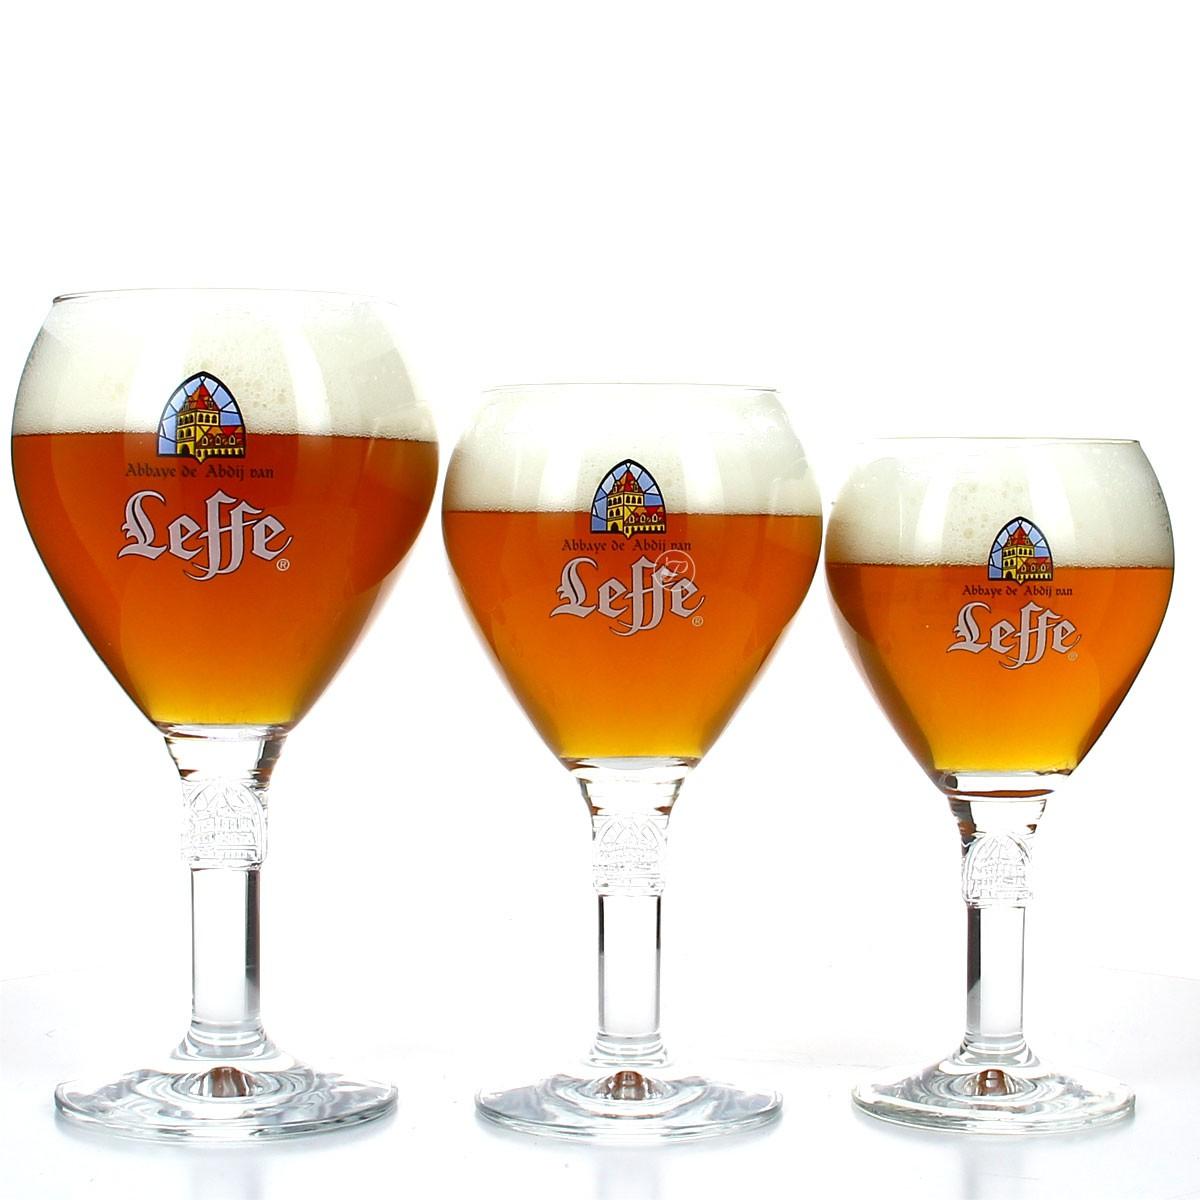 Verres de leffe 33 cl leffe 33 cl - Verre a biere 33cl ...